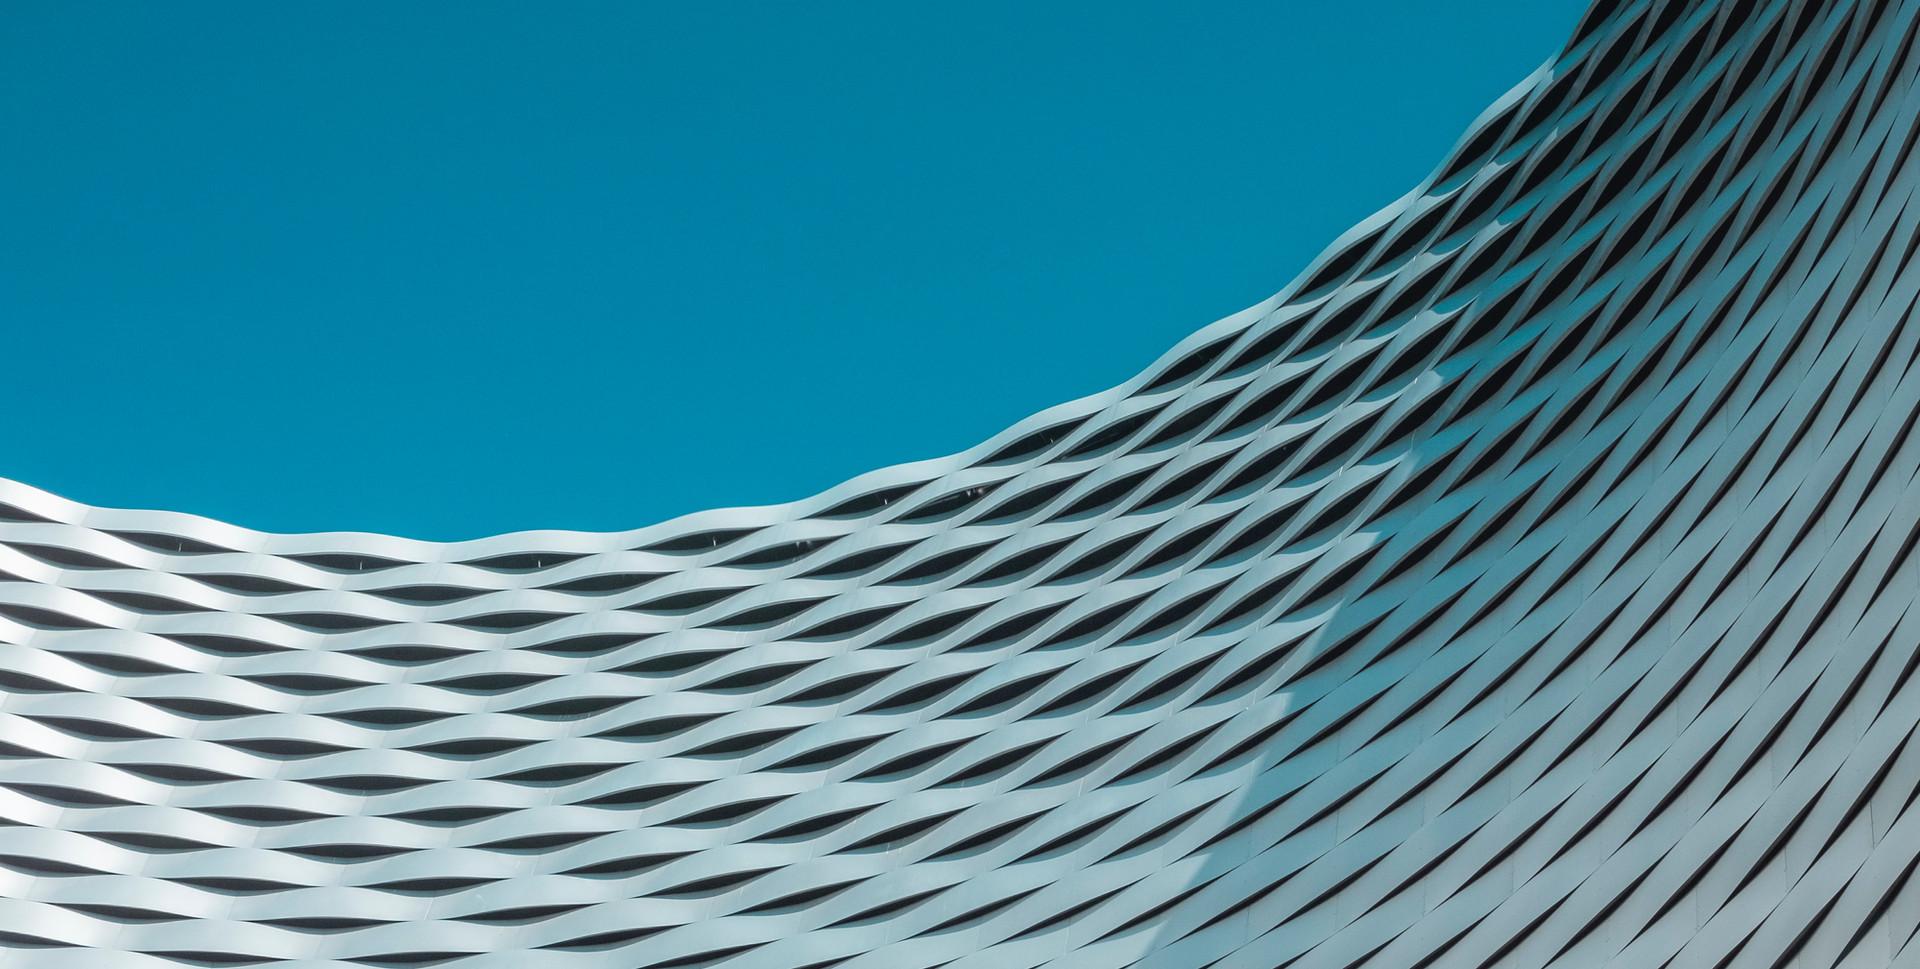 곡선 건축 구조